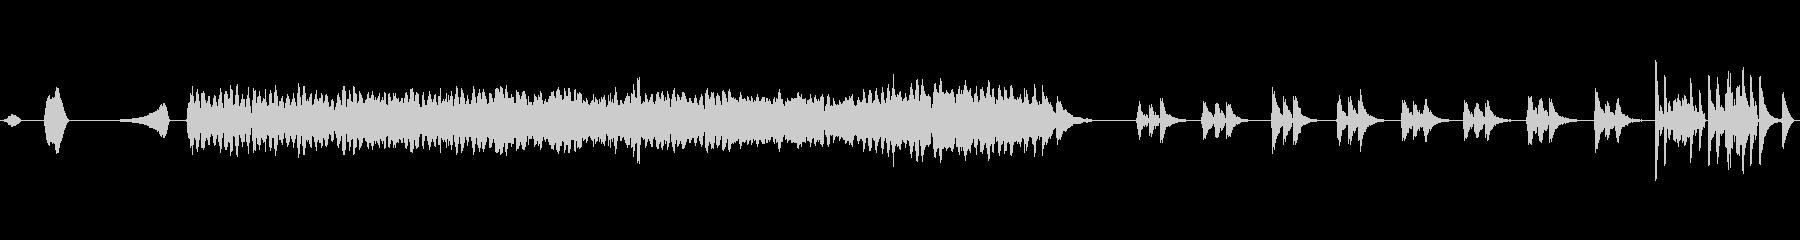 オルガンとピアノのアルペジオの紹介。の未再生の波形